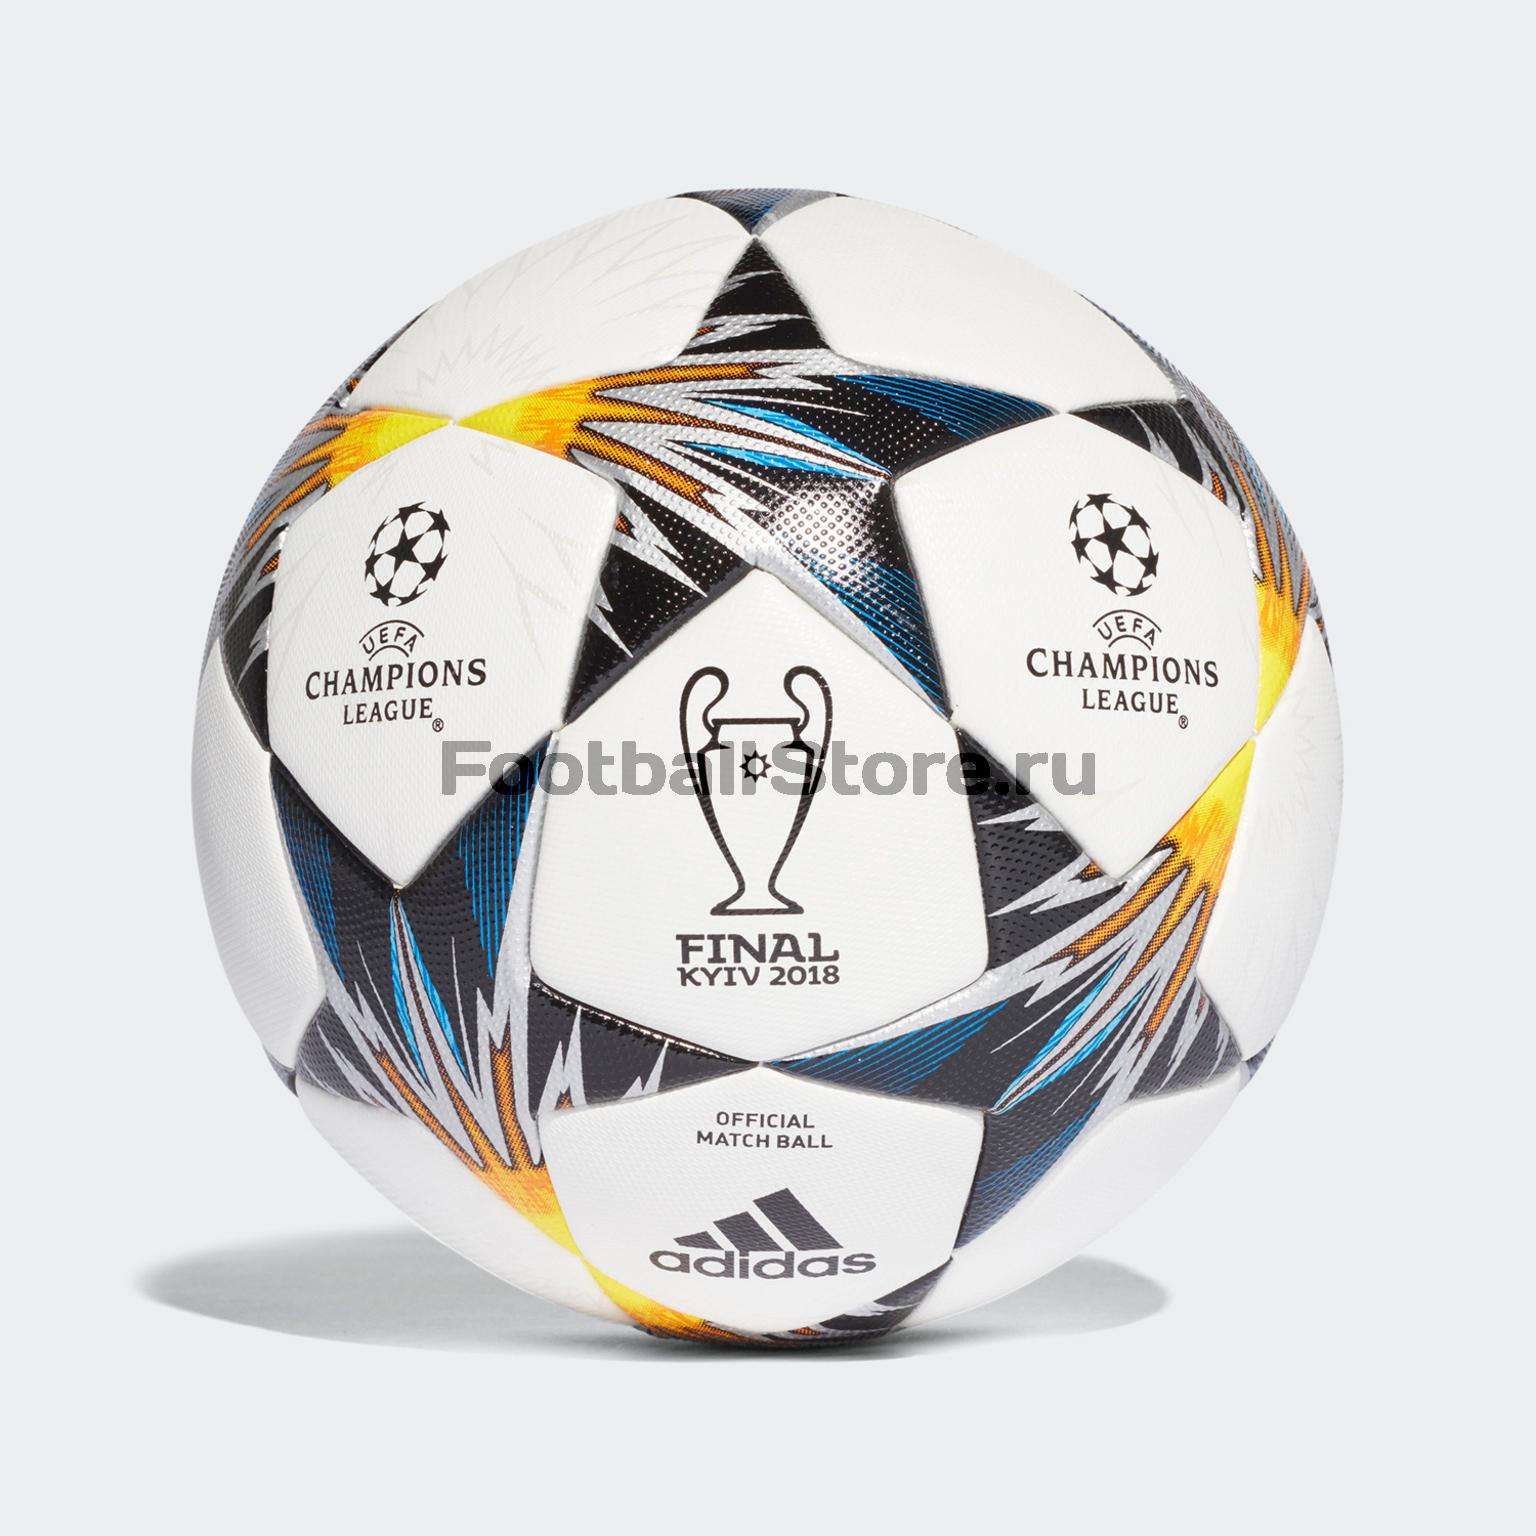 Официальный Футбольный мяч Лиги Чемпионов 2018 Adidas Finale Kiev – купить  в интернет магазине footballstore, цена, фото 280f7b81d55